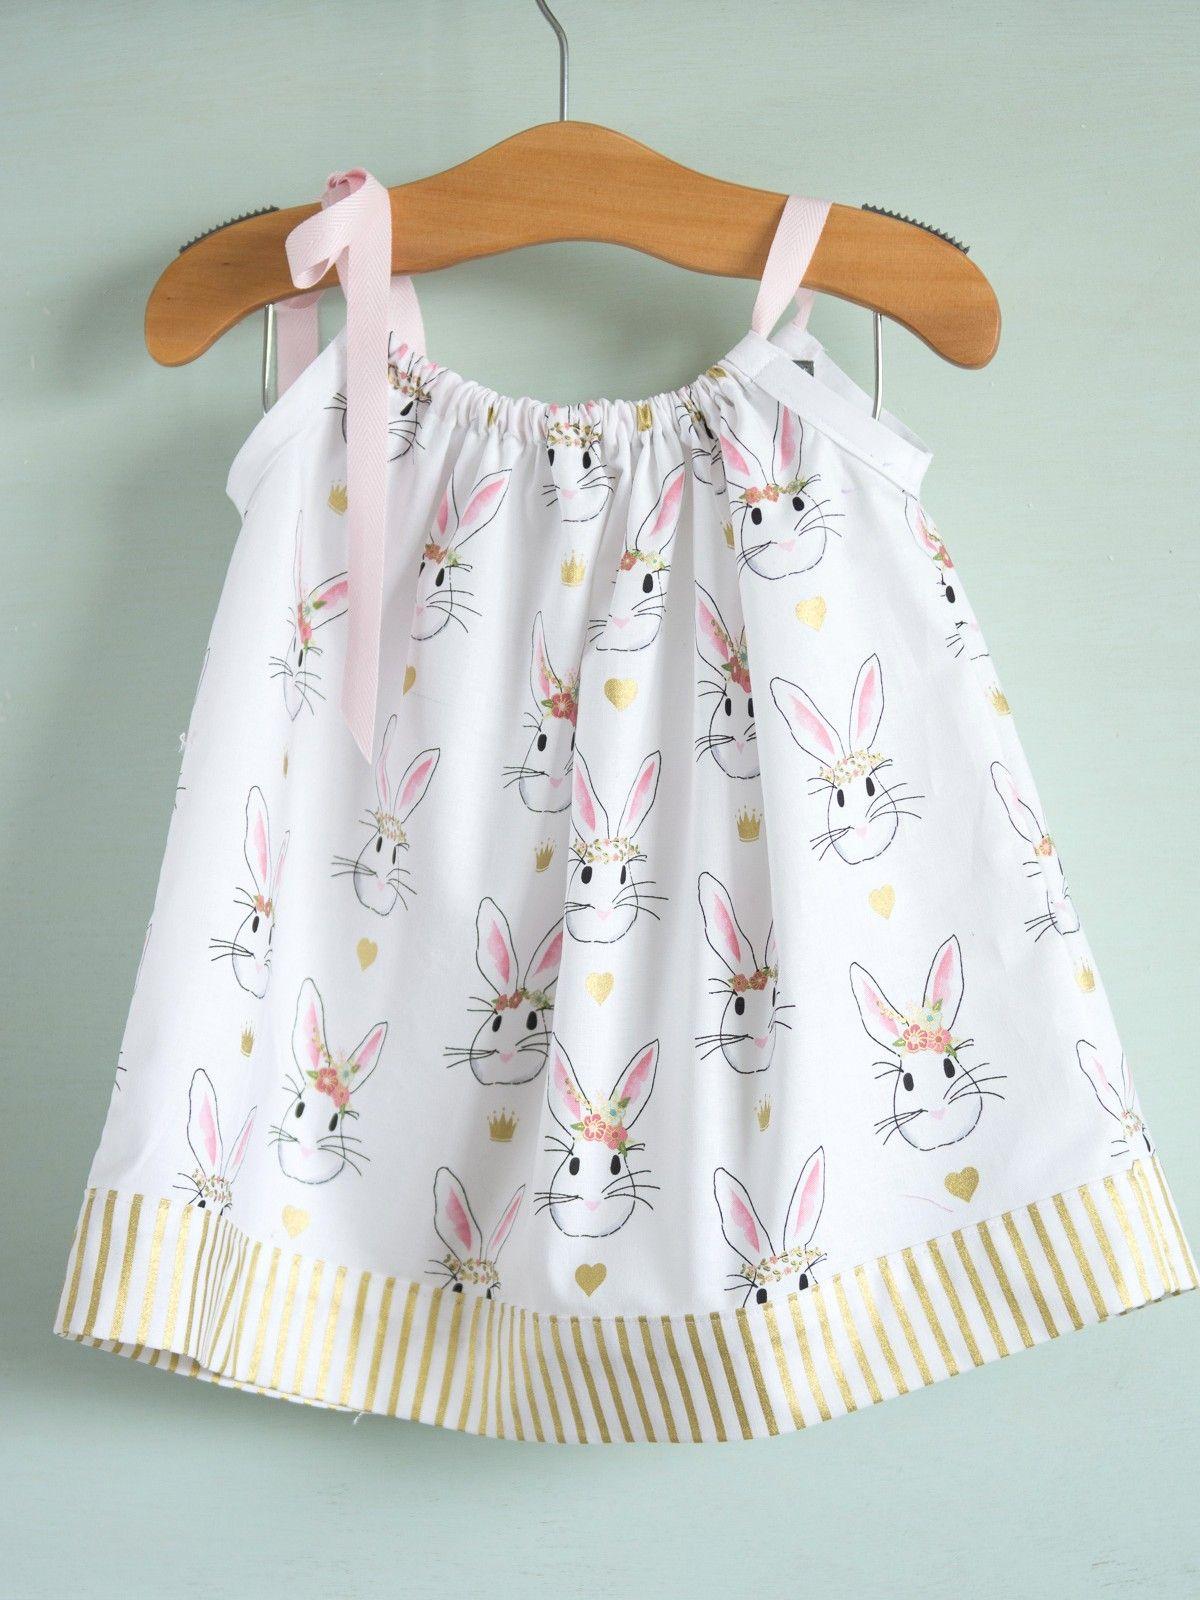 Pillowcase Dress Tutorial | Kinderschnitte und Nähen